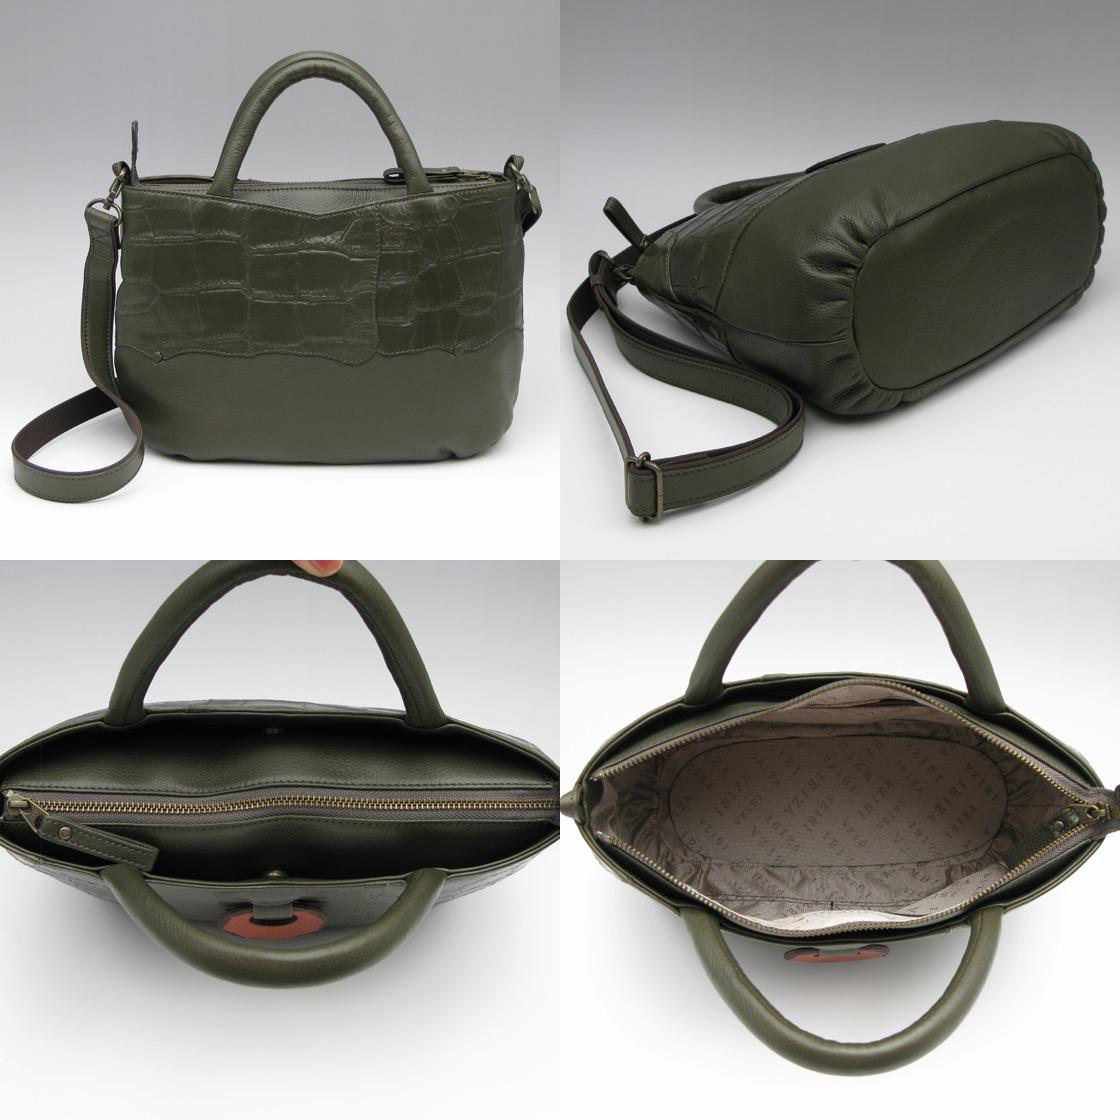 IBIZA(イビサ)牛革×ワニ型押革2WAYハンドバッグ